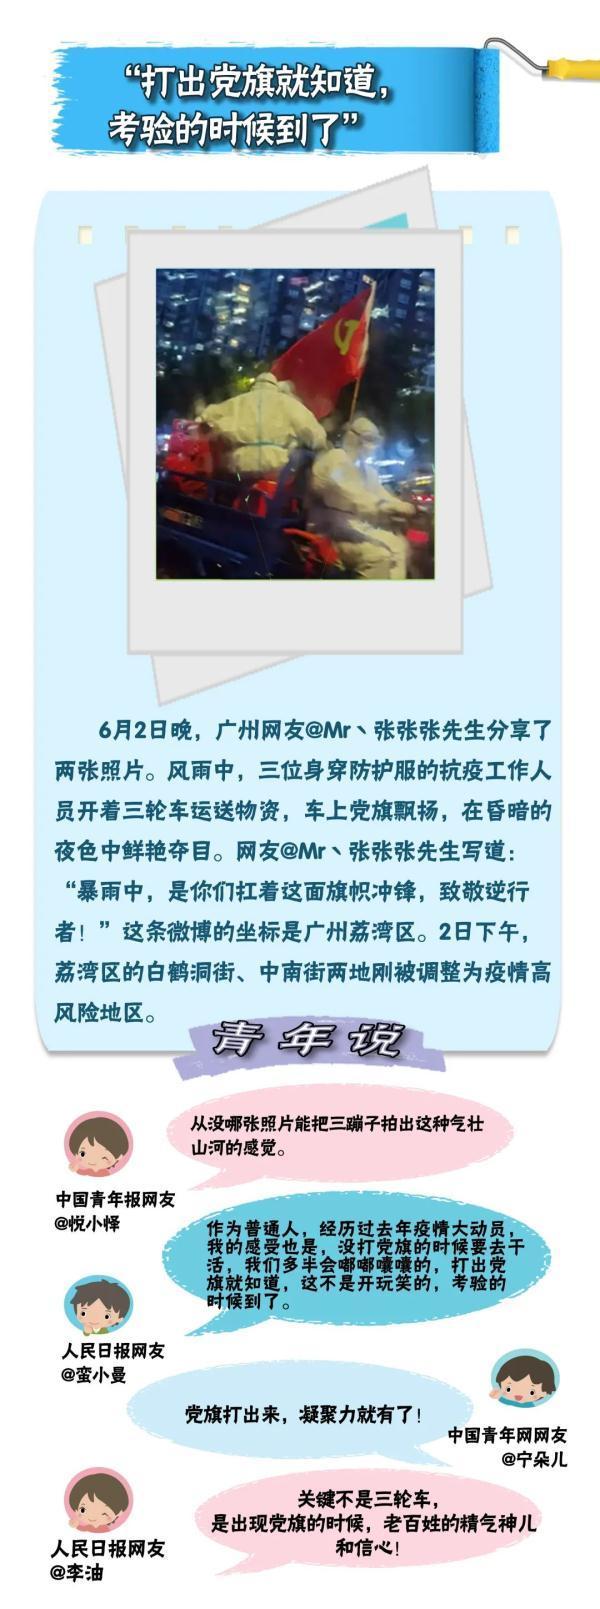 中国人的故事|暖镜头:7亿剂次,每个人都是一道防线 全球新闻风头榜 第2张